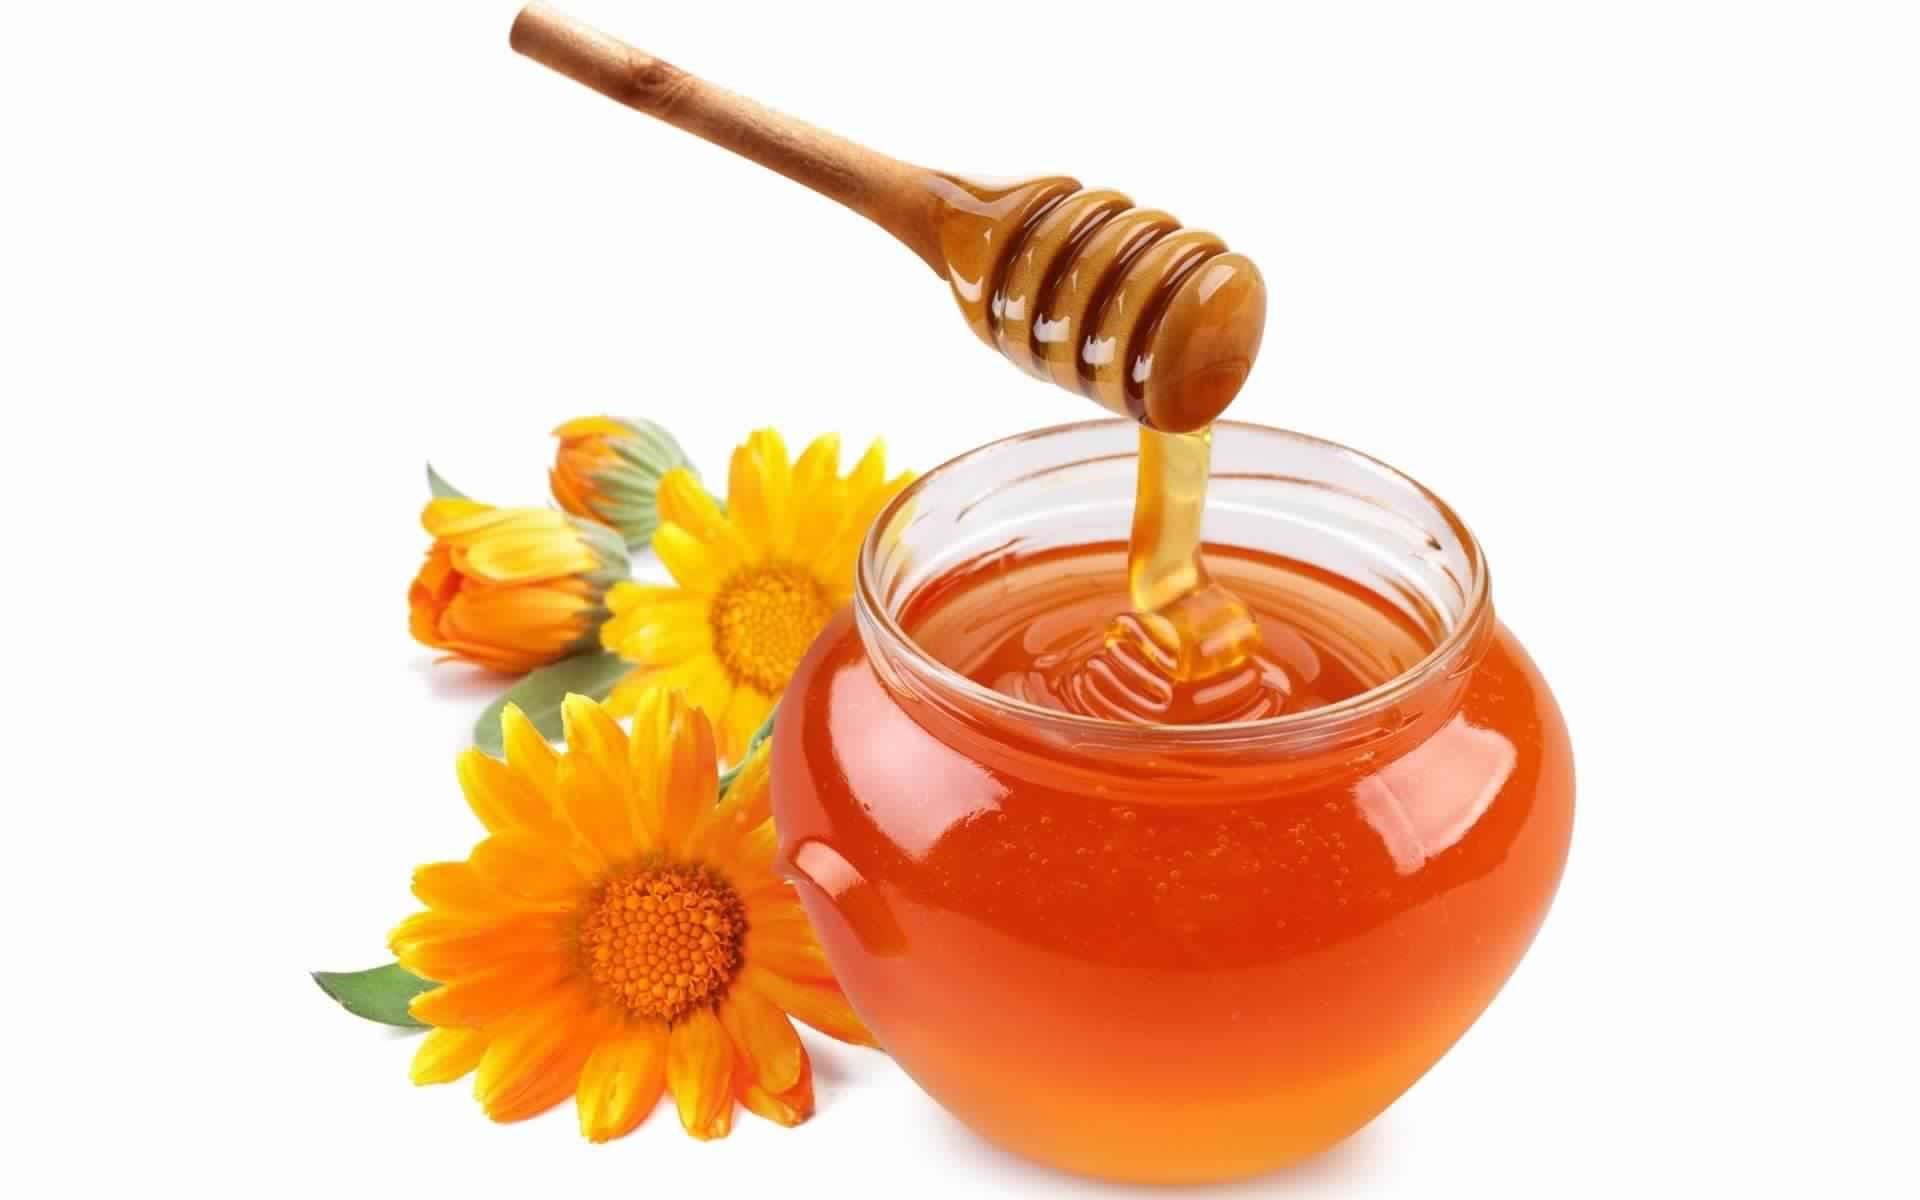 ماهي فوائد العسل لخسارة الوزن